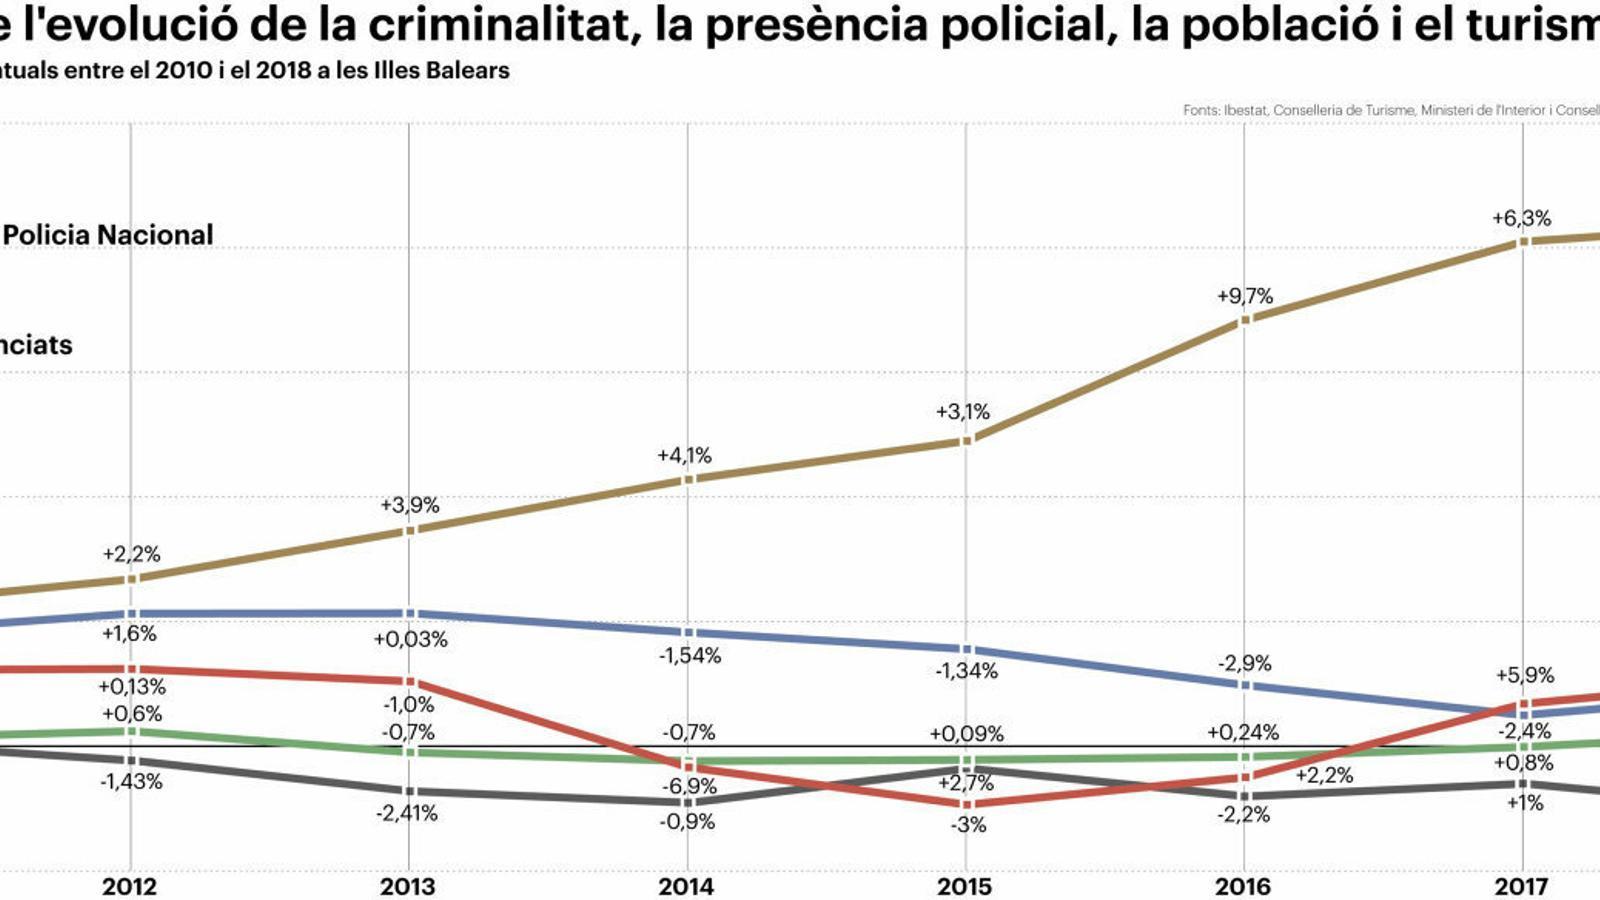 Més crim i més turisme, però menys policia